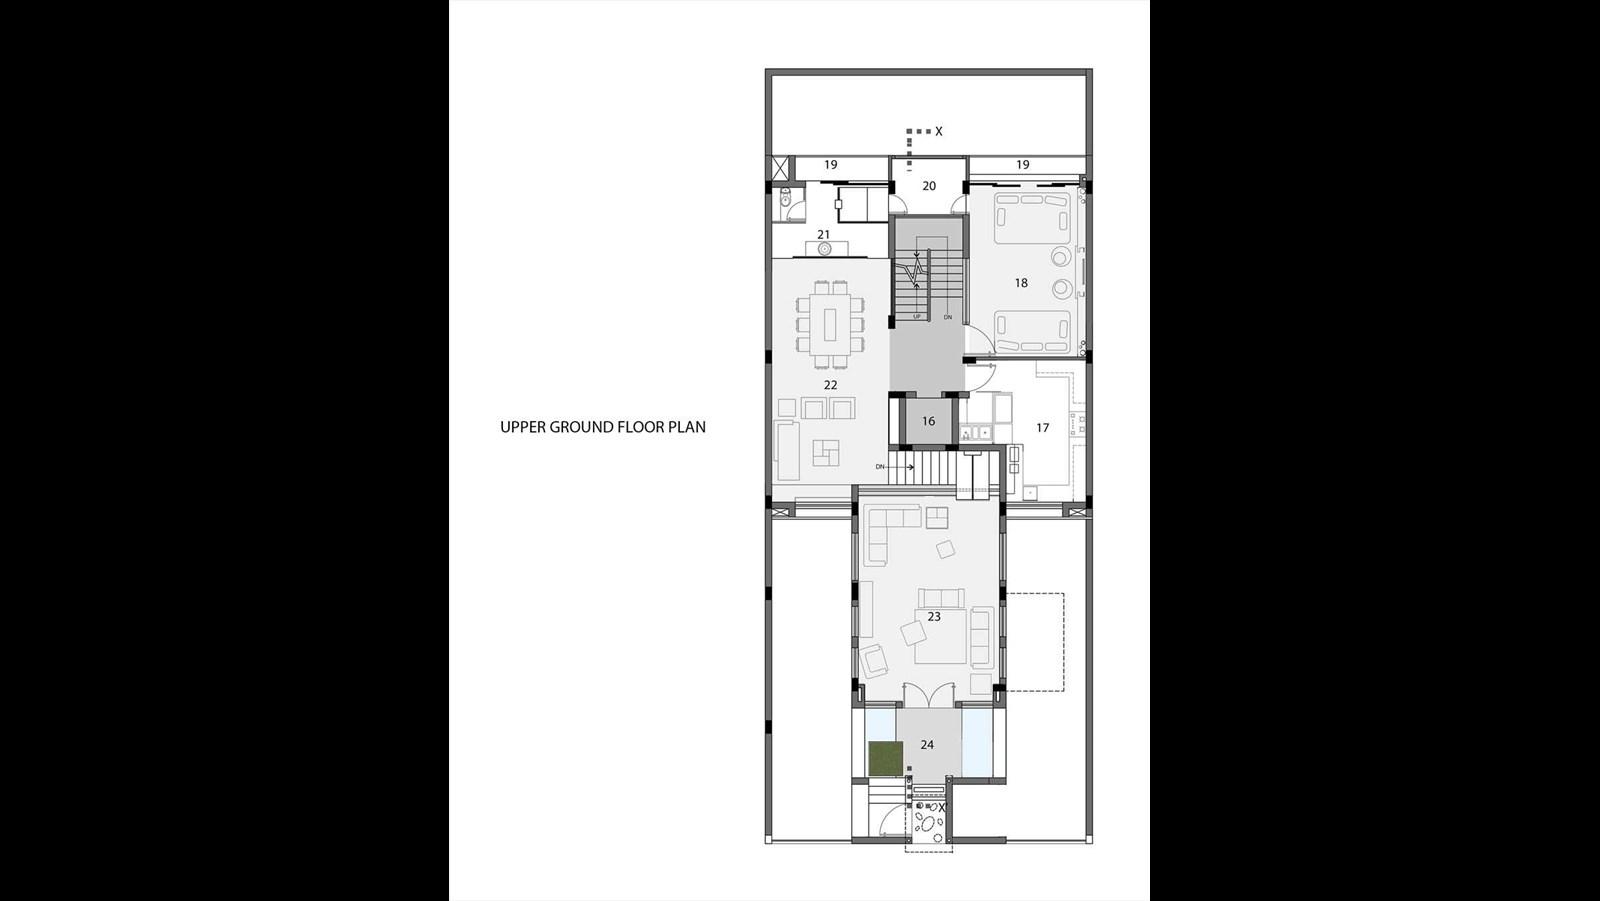 Mẫu nhà biệt thự phố hiện đại ấn tượng với nét đẹp kiến trúc hình khối - 9